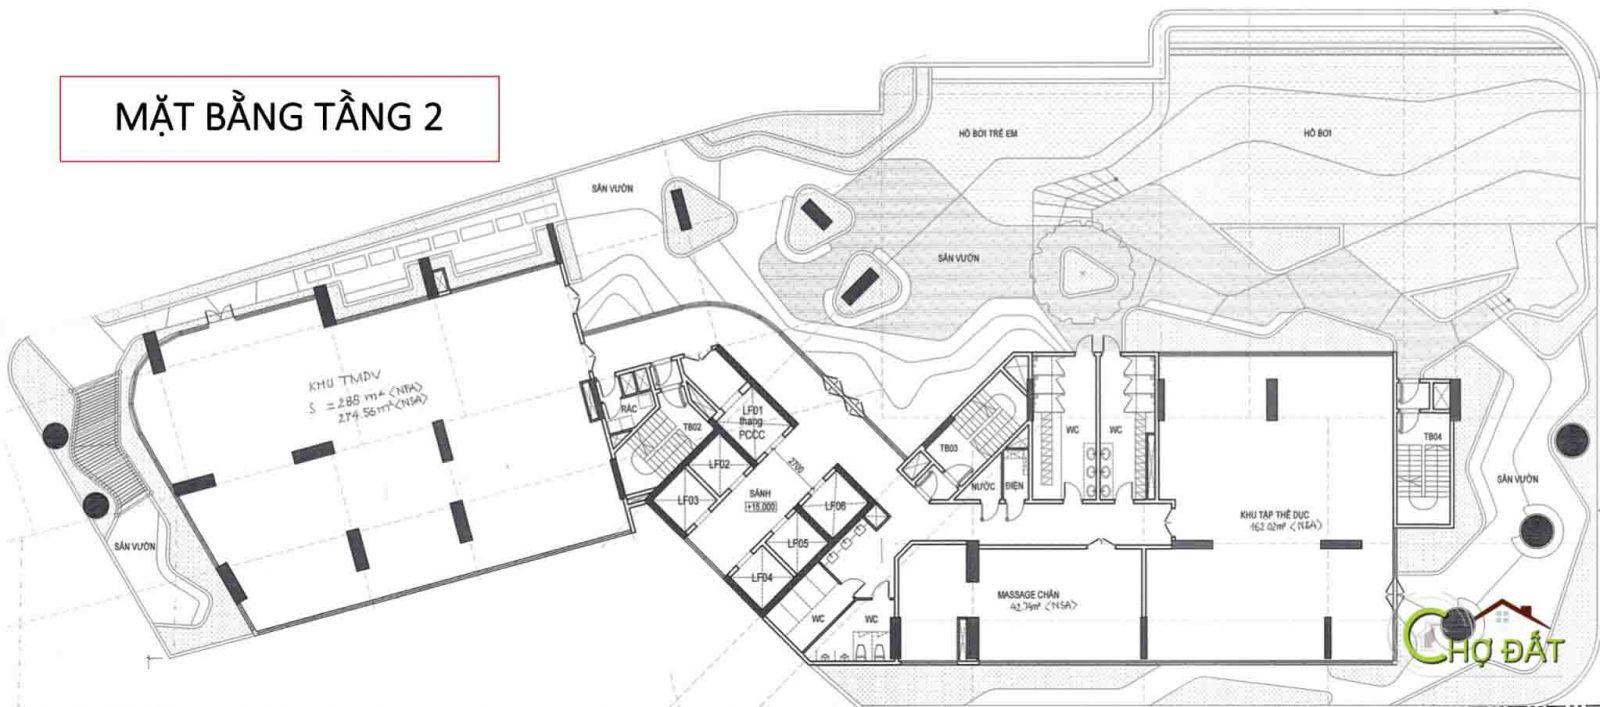 Mặt bằng tầng dự án căn hộ chung cư Thảo Điền Green Quận 2